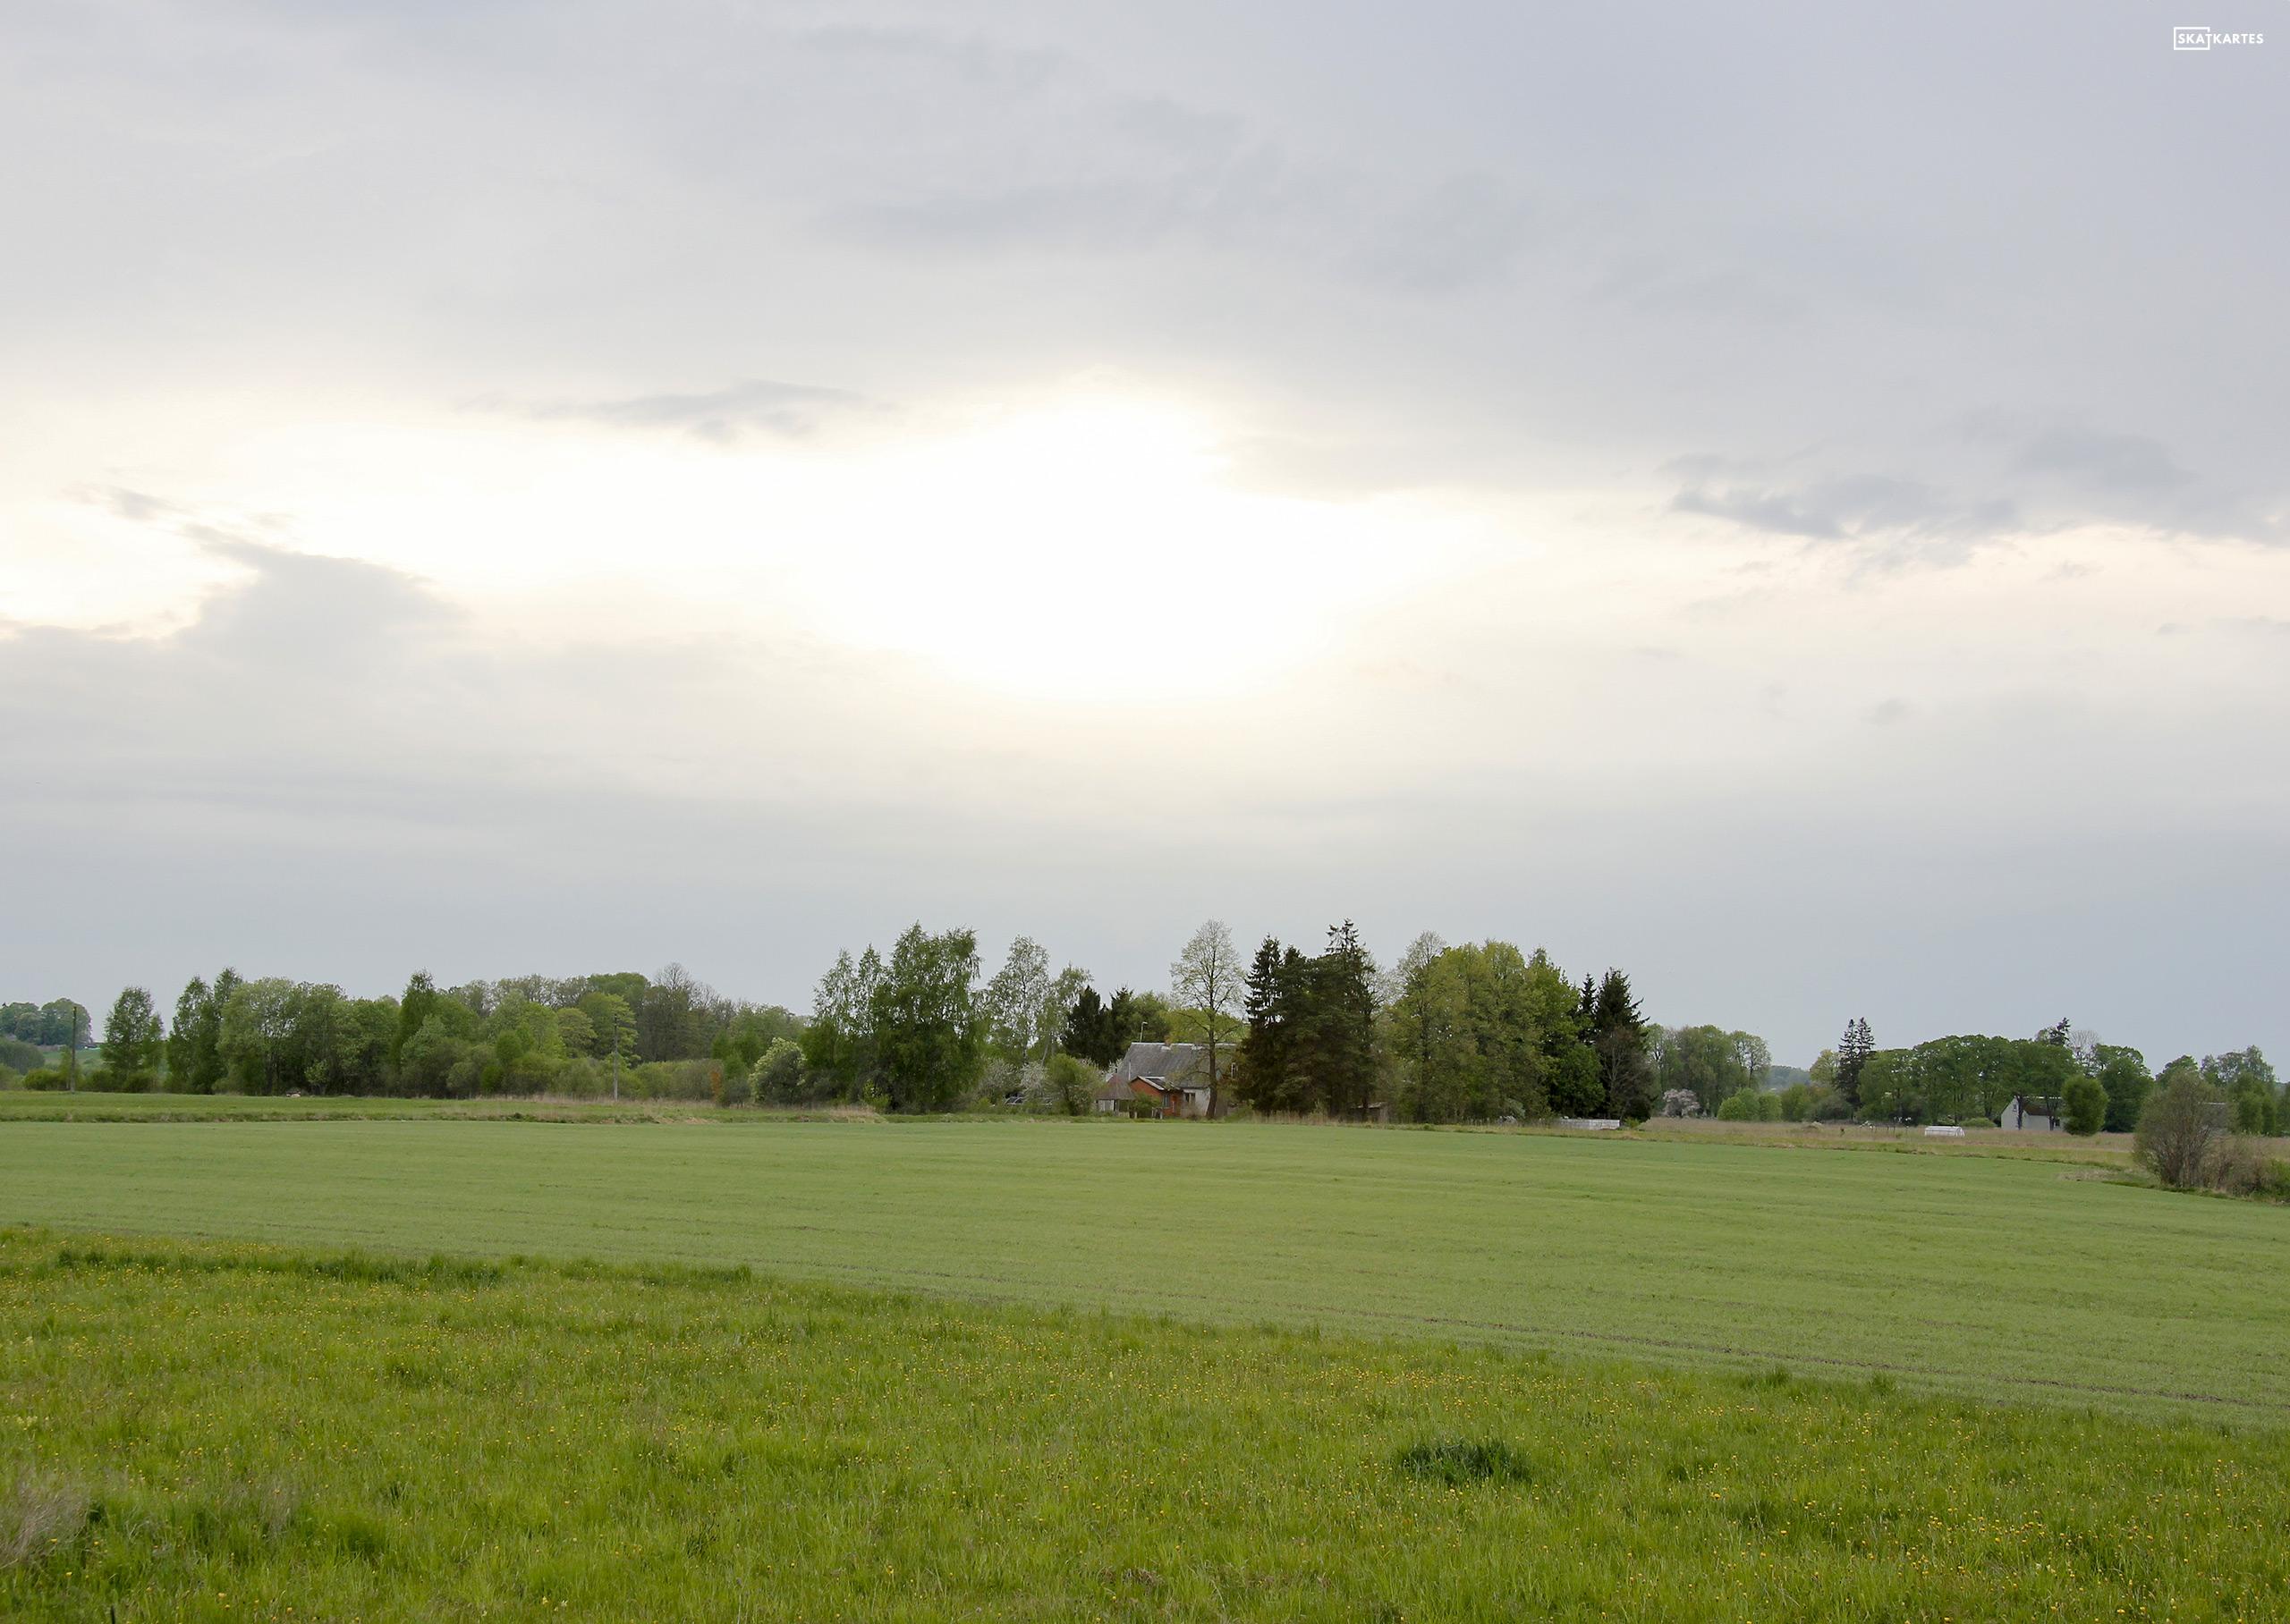 Skatkarte Nr.1132 - Tilts uz nekurieni (2016. gada pavasaris).